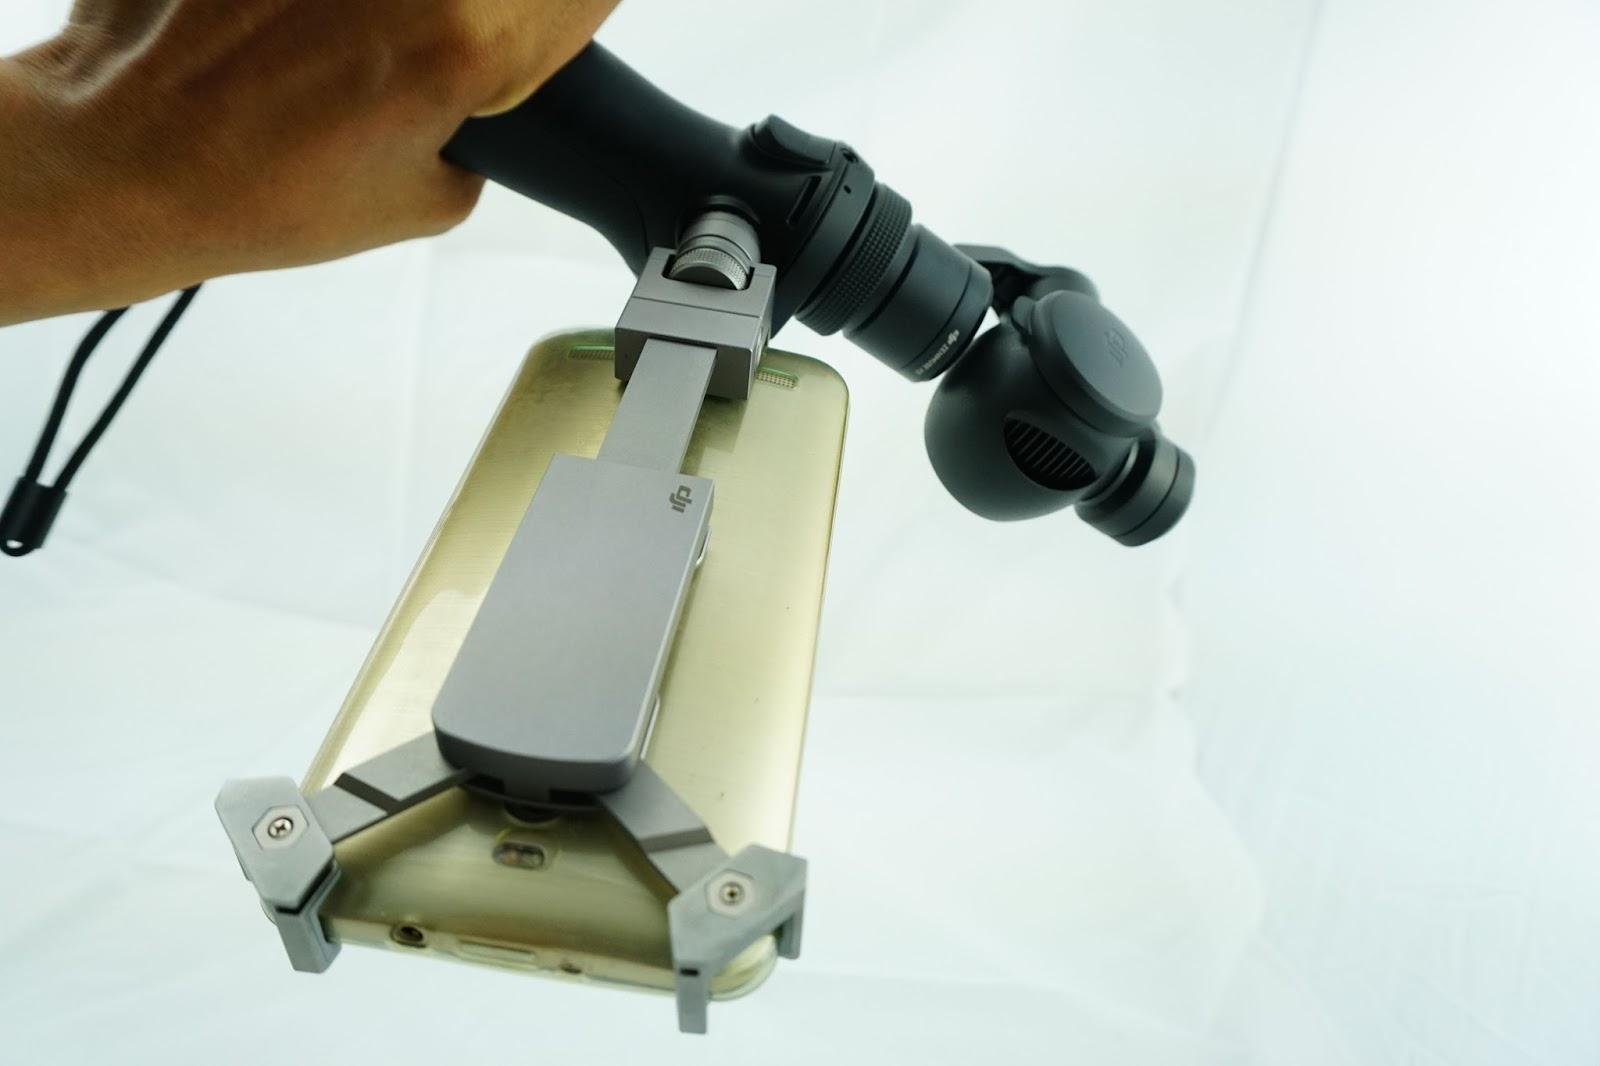 DJI Osmo Camera là thiết bị quay bán chuyên nghiệp tốt nhất hiện nay